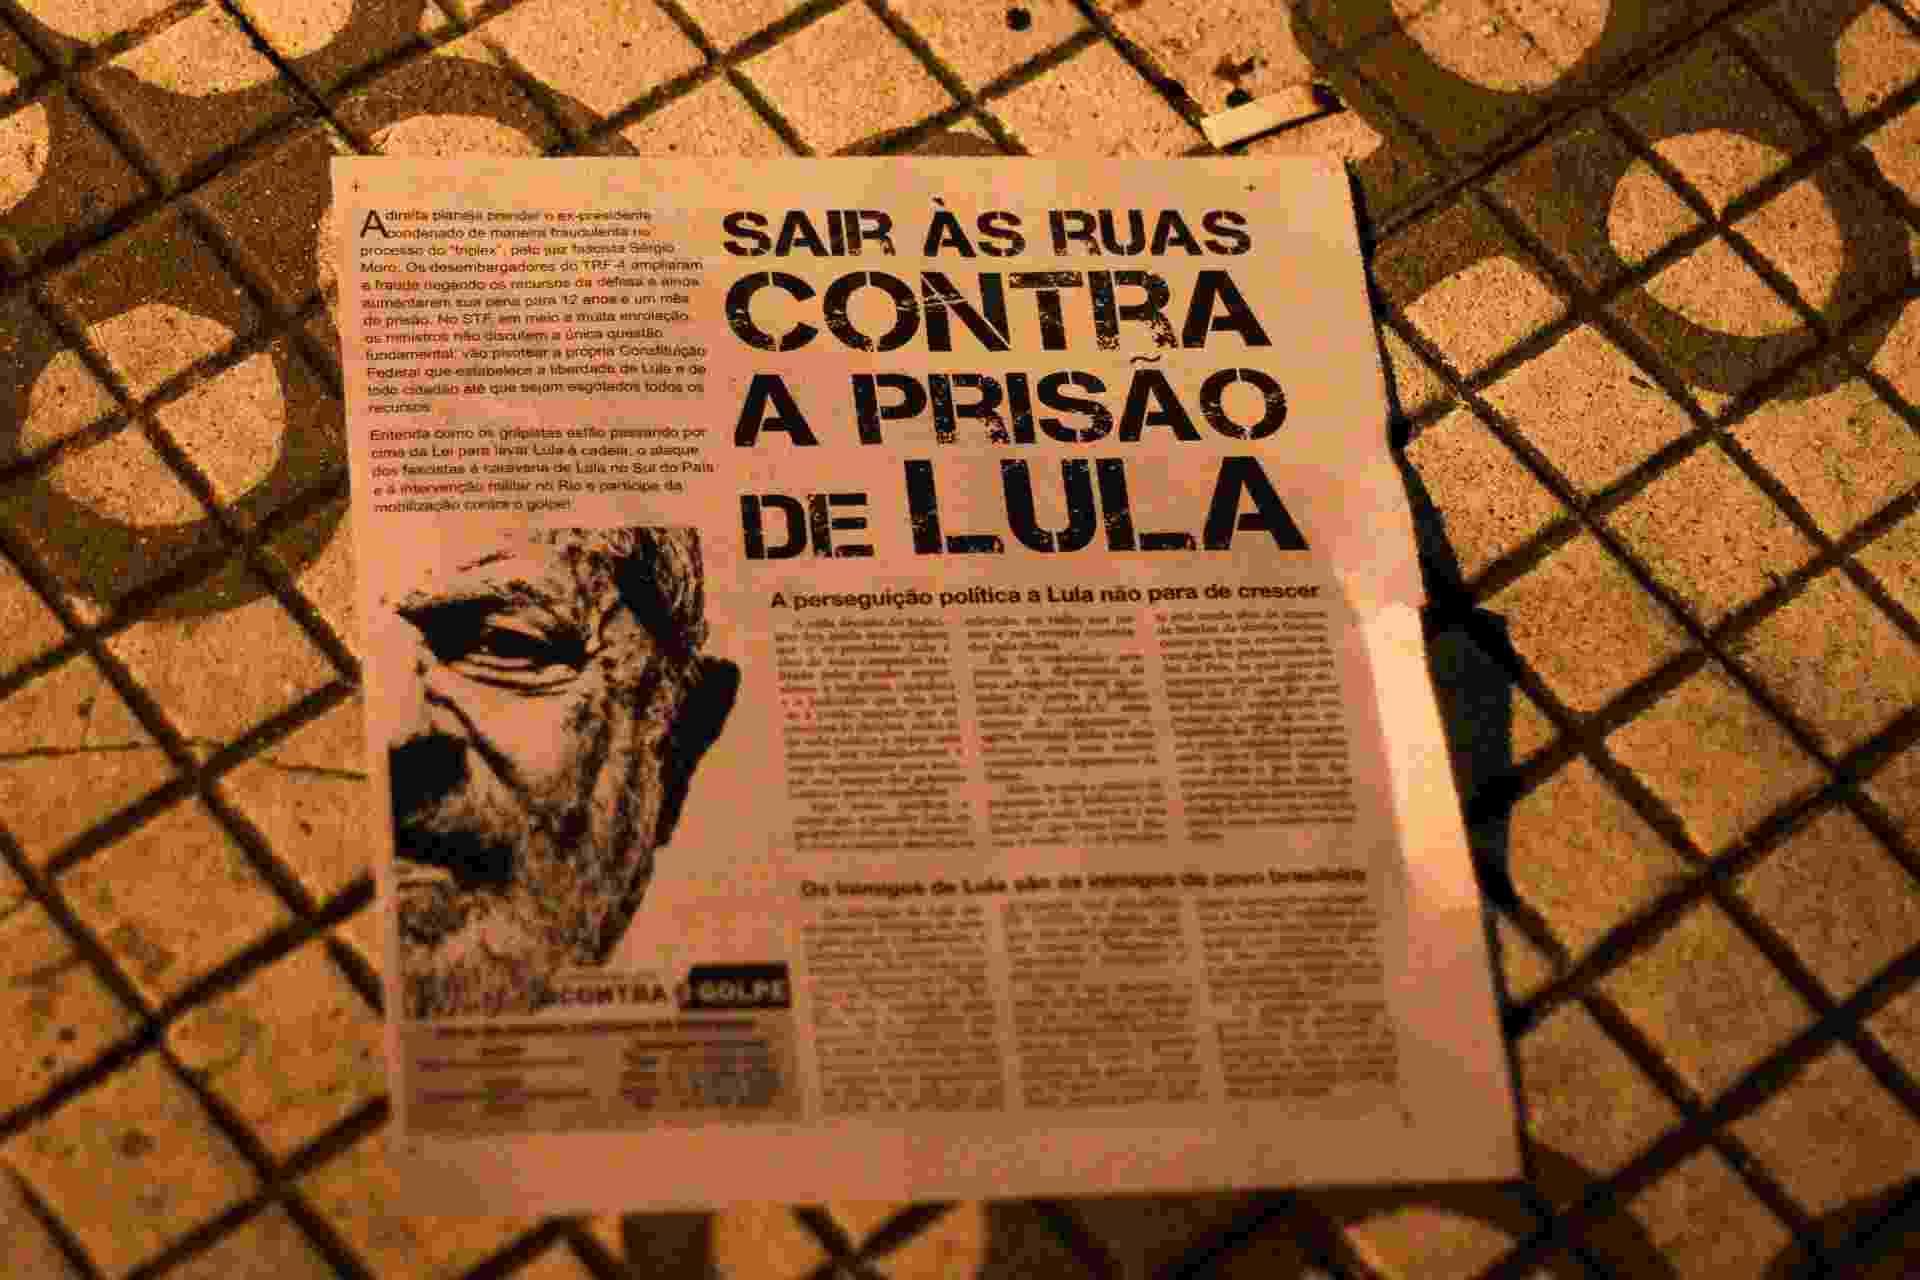 Em panfleto, militantes do PT pedem apoio ao ex presidente Lula durante ato em frente ao Sindicato dos Metalúrgicos, em São Bernardo do Campo (SP) - Peter Leone/Futura Press/Estadão Conteúdo